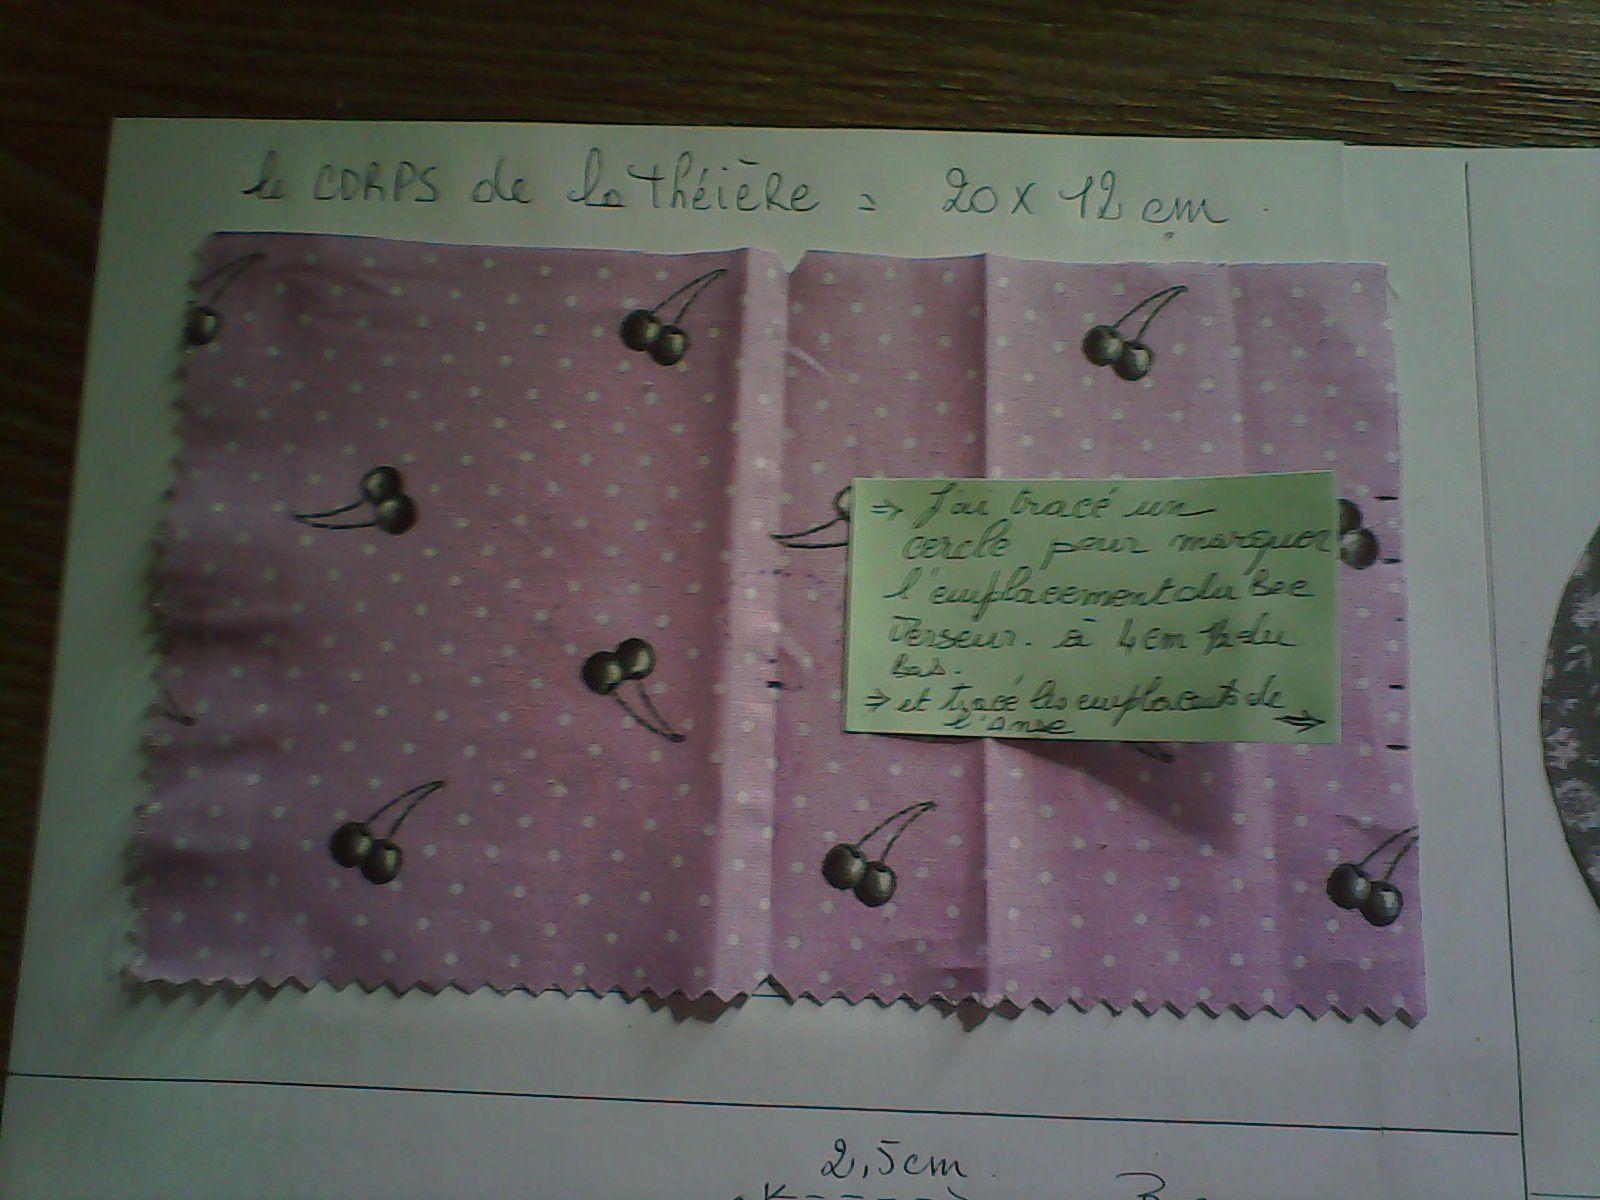 COUPE et FOURNITURES !!! pour le rectangle il vaut mieux faire les dimensions suivantes : 21 voir 22 cm x 12 cm